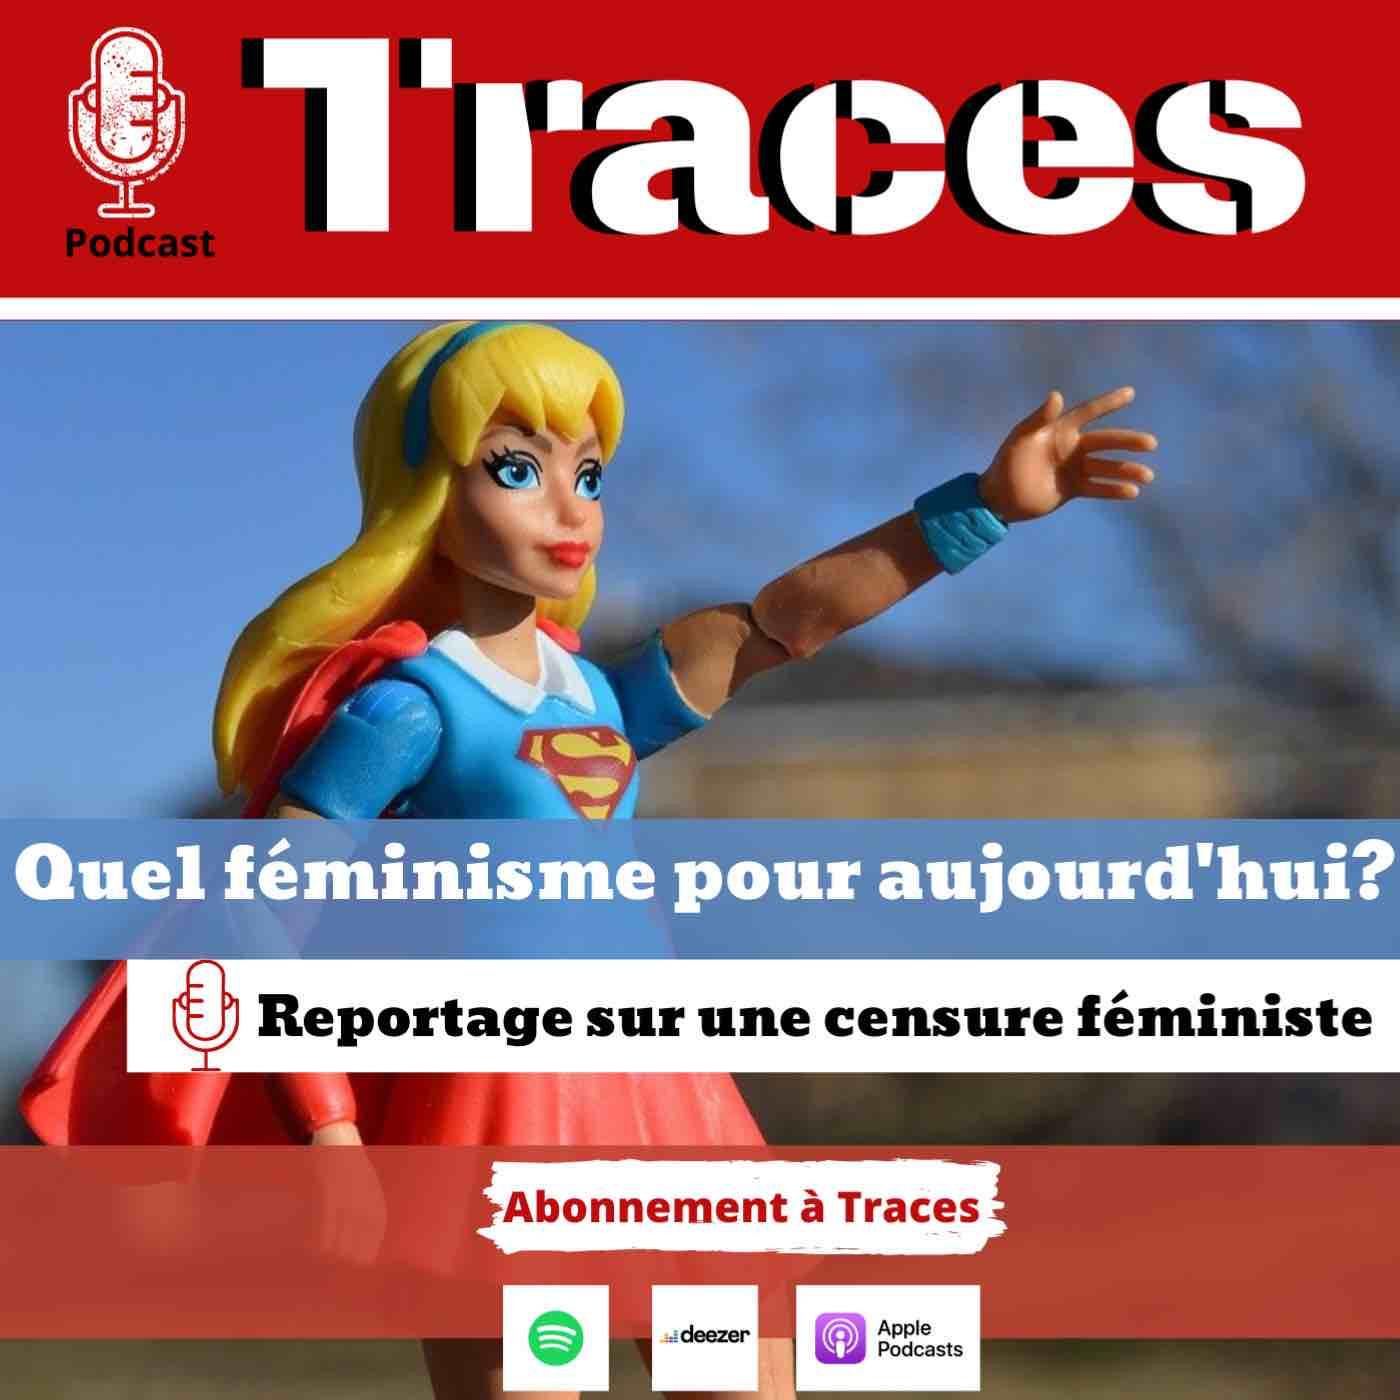 Quel féminisme pour aujourd'hui?